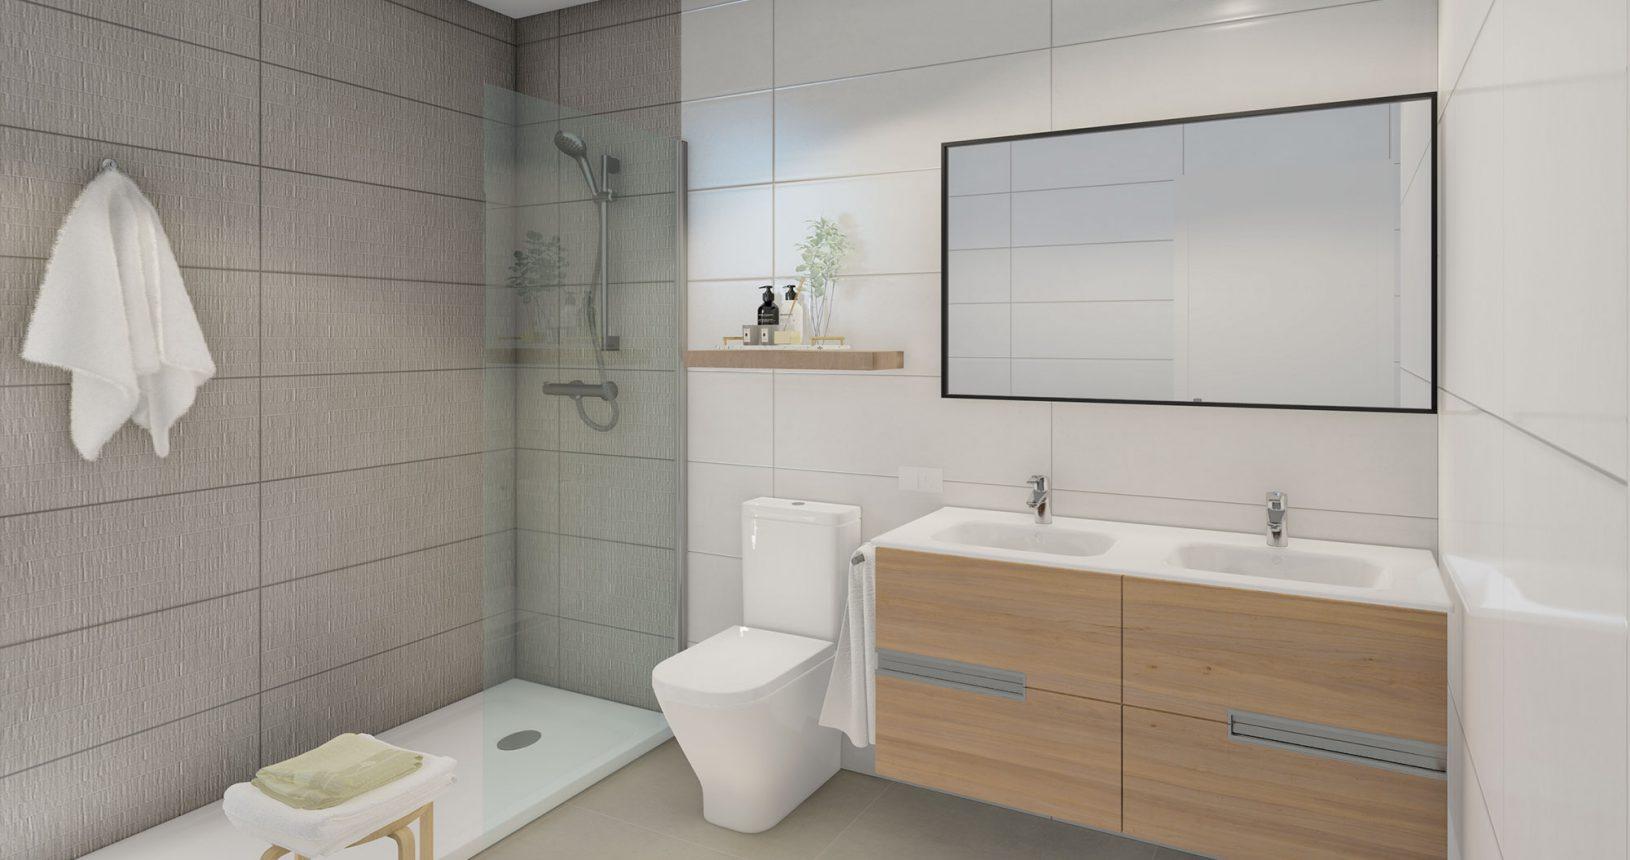 Cuarto de baño promoción de viviendas Bilbao